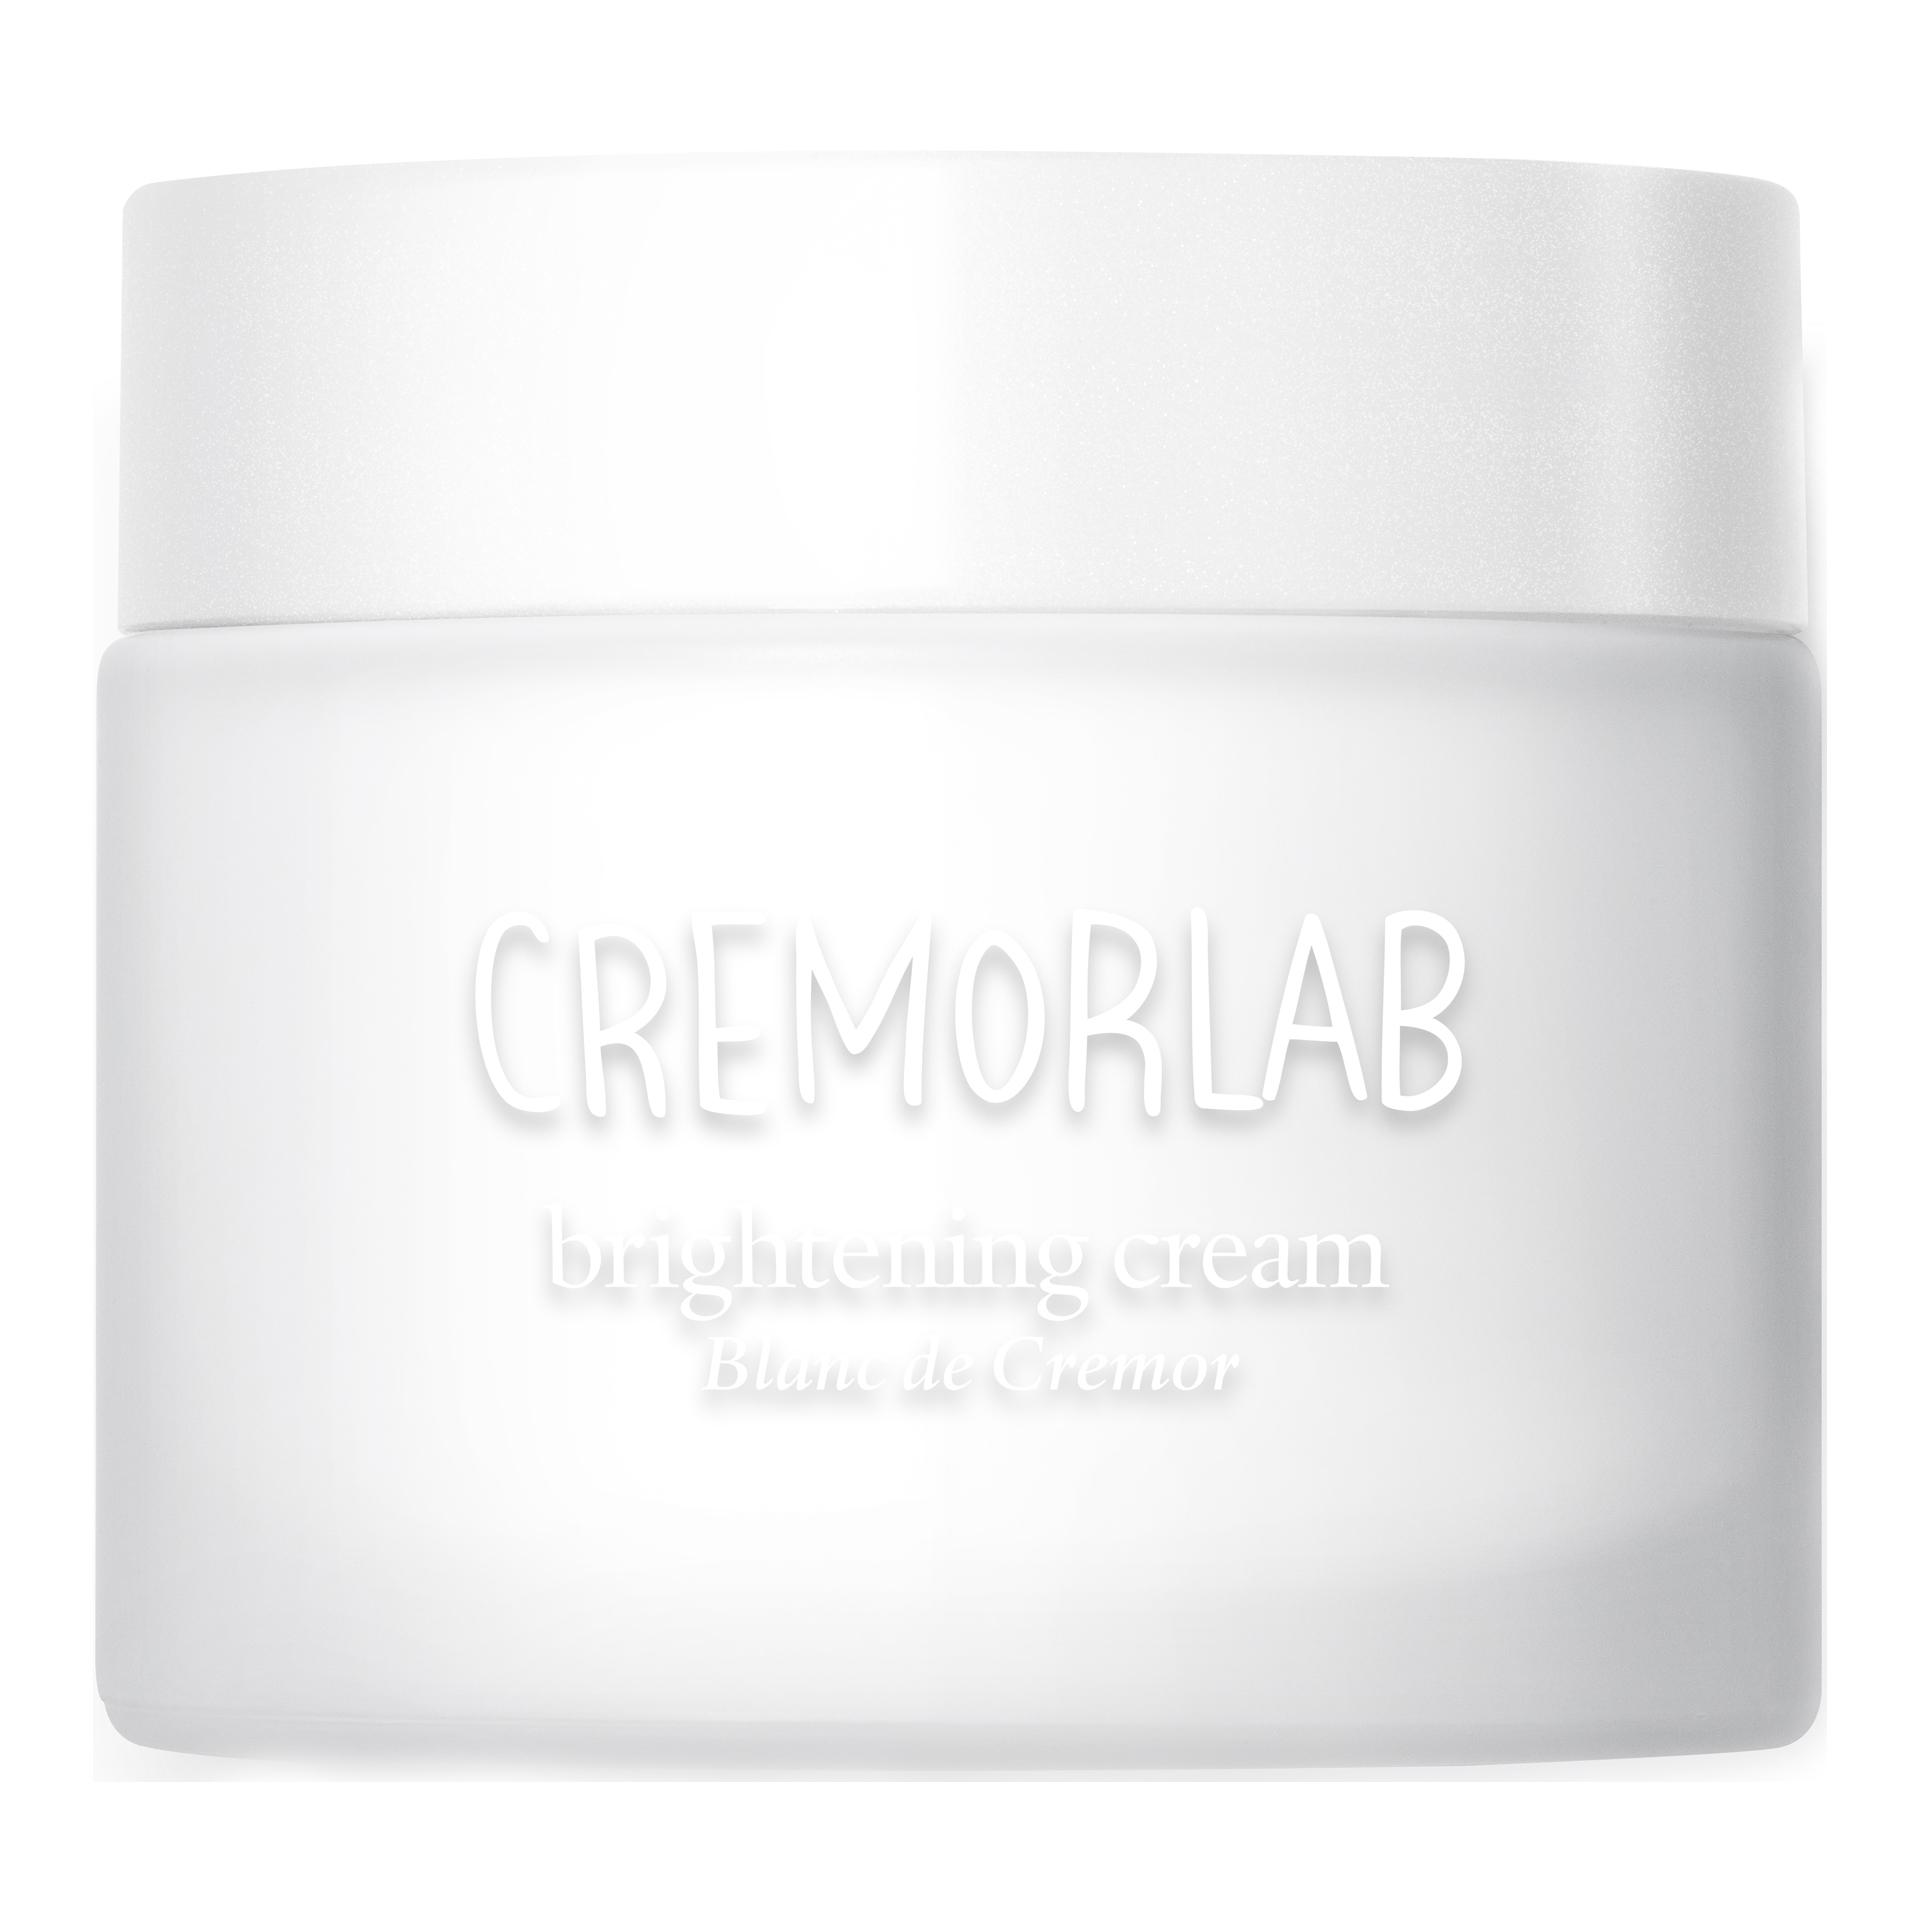 Крем для лица Cremorlab питательный, выравнивающий тон кожи 50 мл